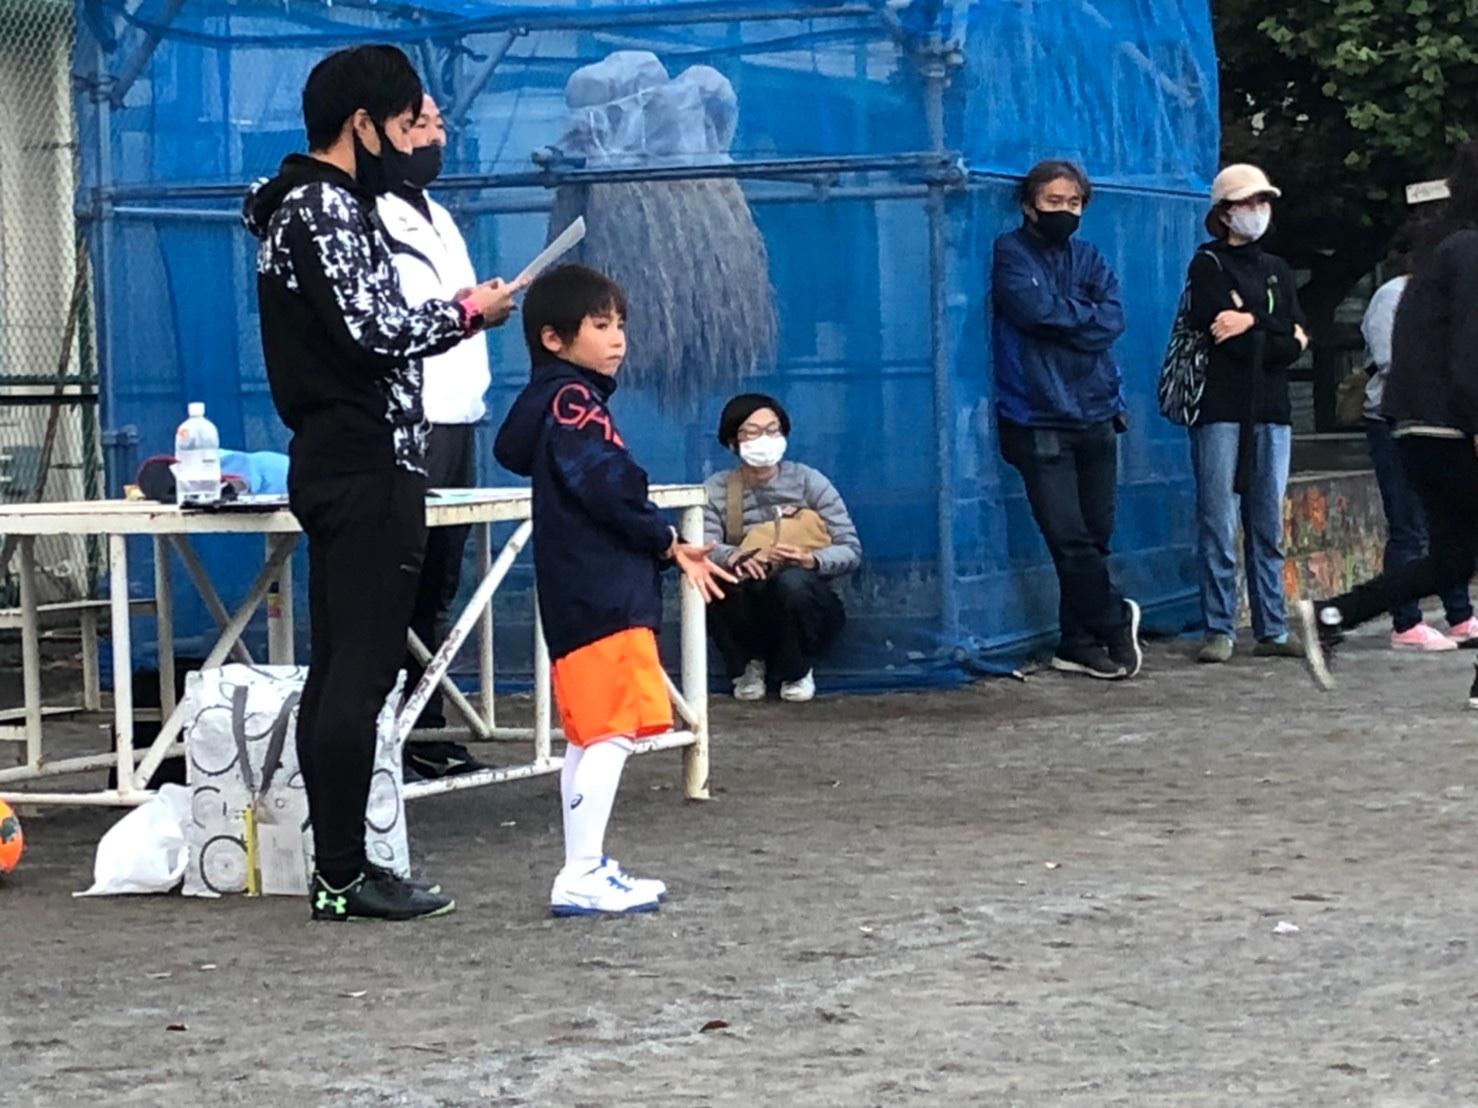 http://www.fc-chouwa.net/blog/images/E3A6028F-1C7D-4246-90C7-C6373A0F264F.jpeg